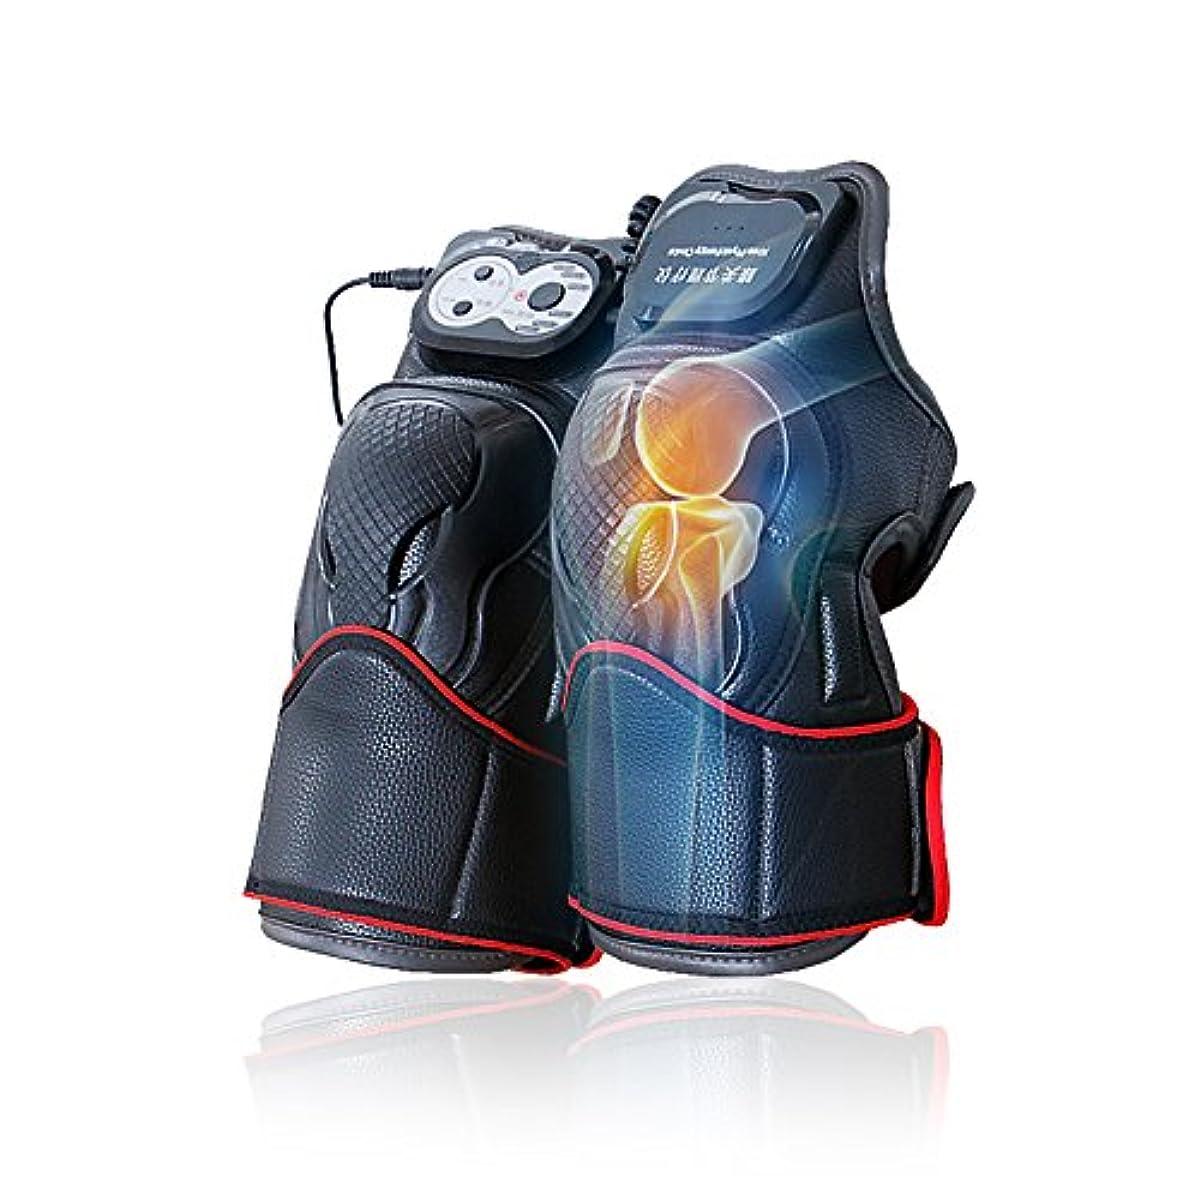 奨励種をまく精緻化マッサージ器 マッサージ ひざ マッサージャー ヒーター マッサージ機 振動 レッグマッサージャー 通気性 フットマッサージャー 赤外線療法 膝サポーター ストレス解消(二枚入り)